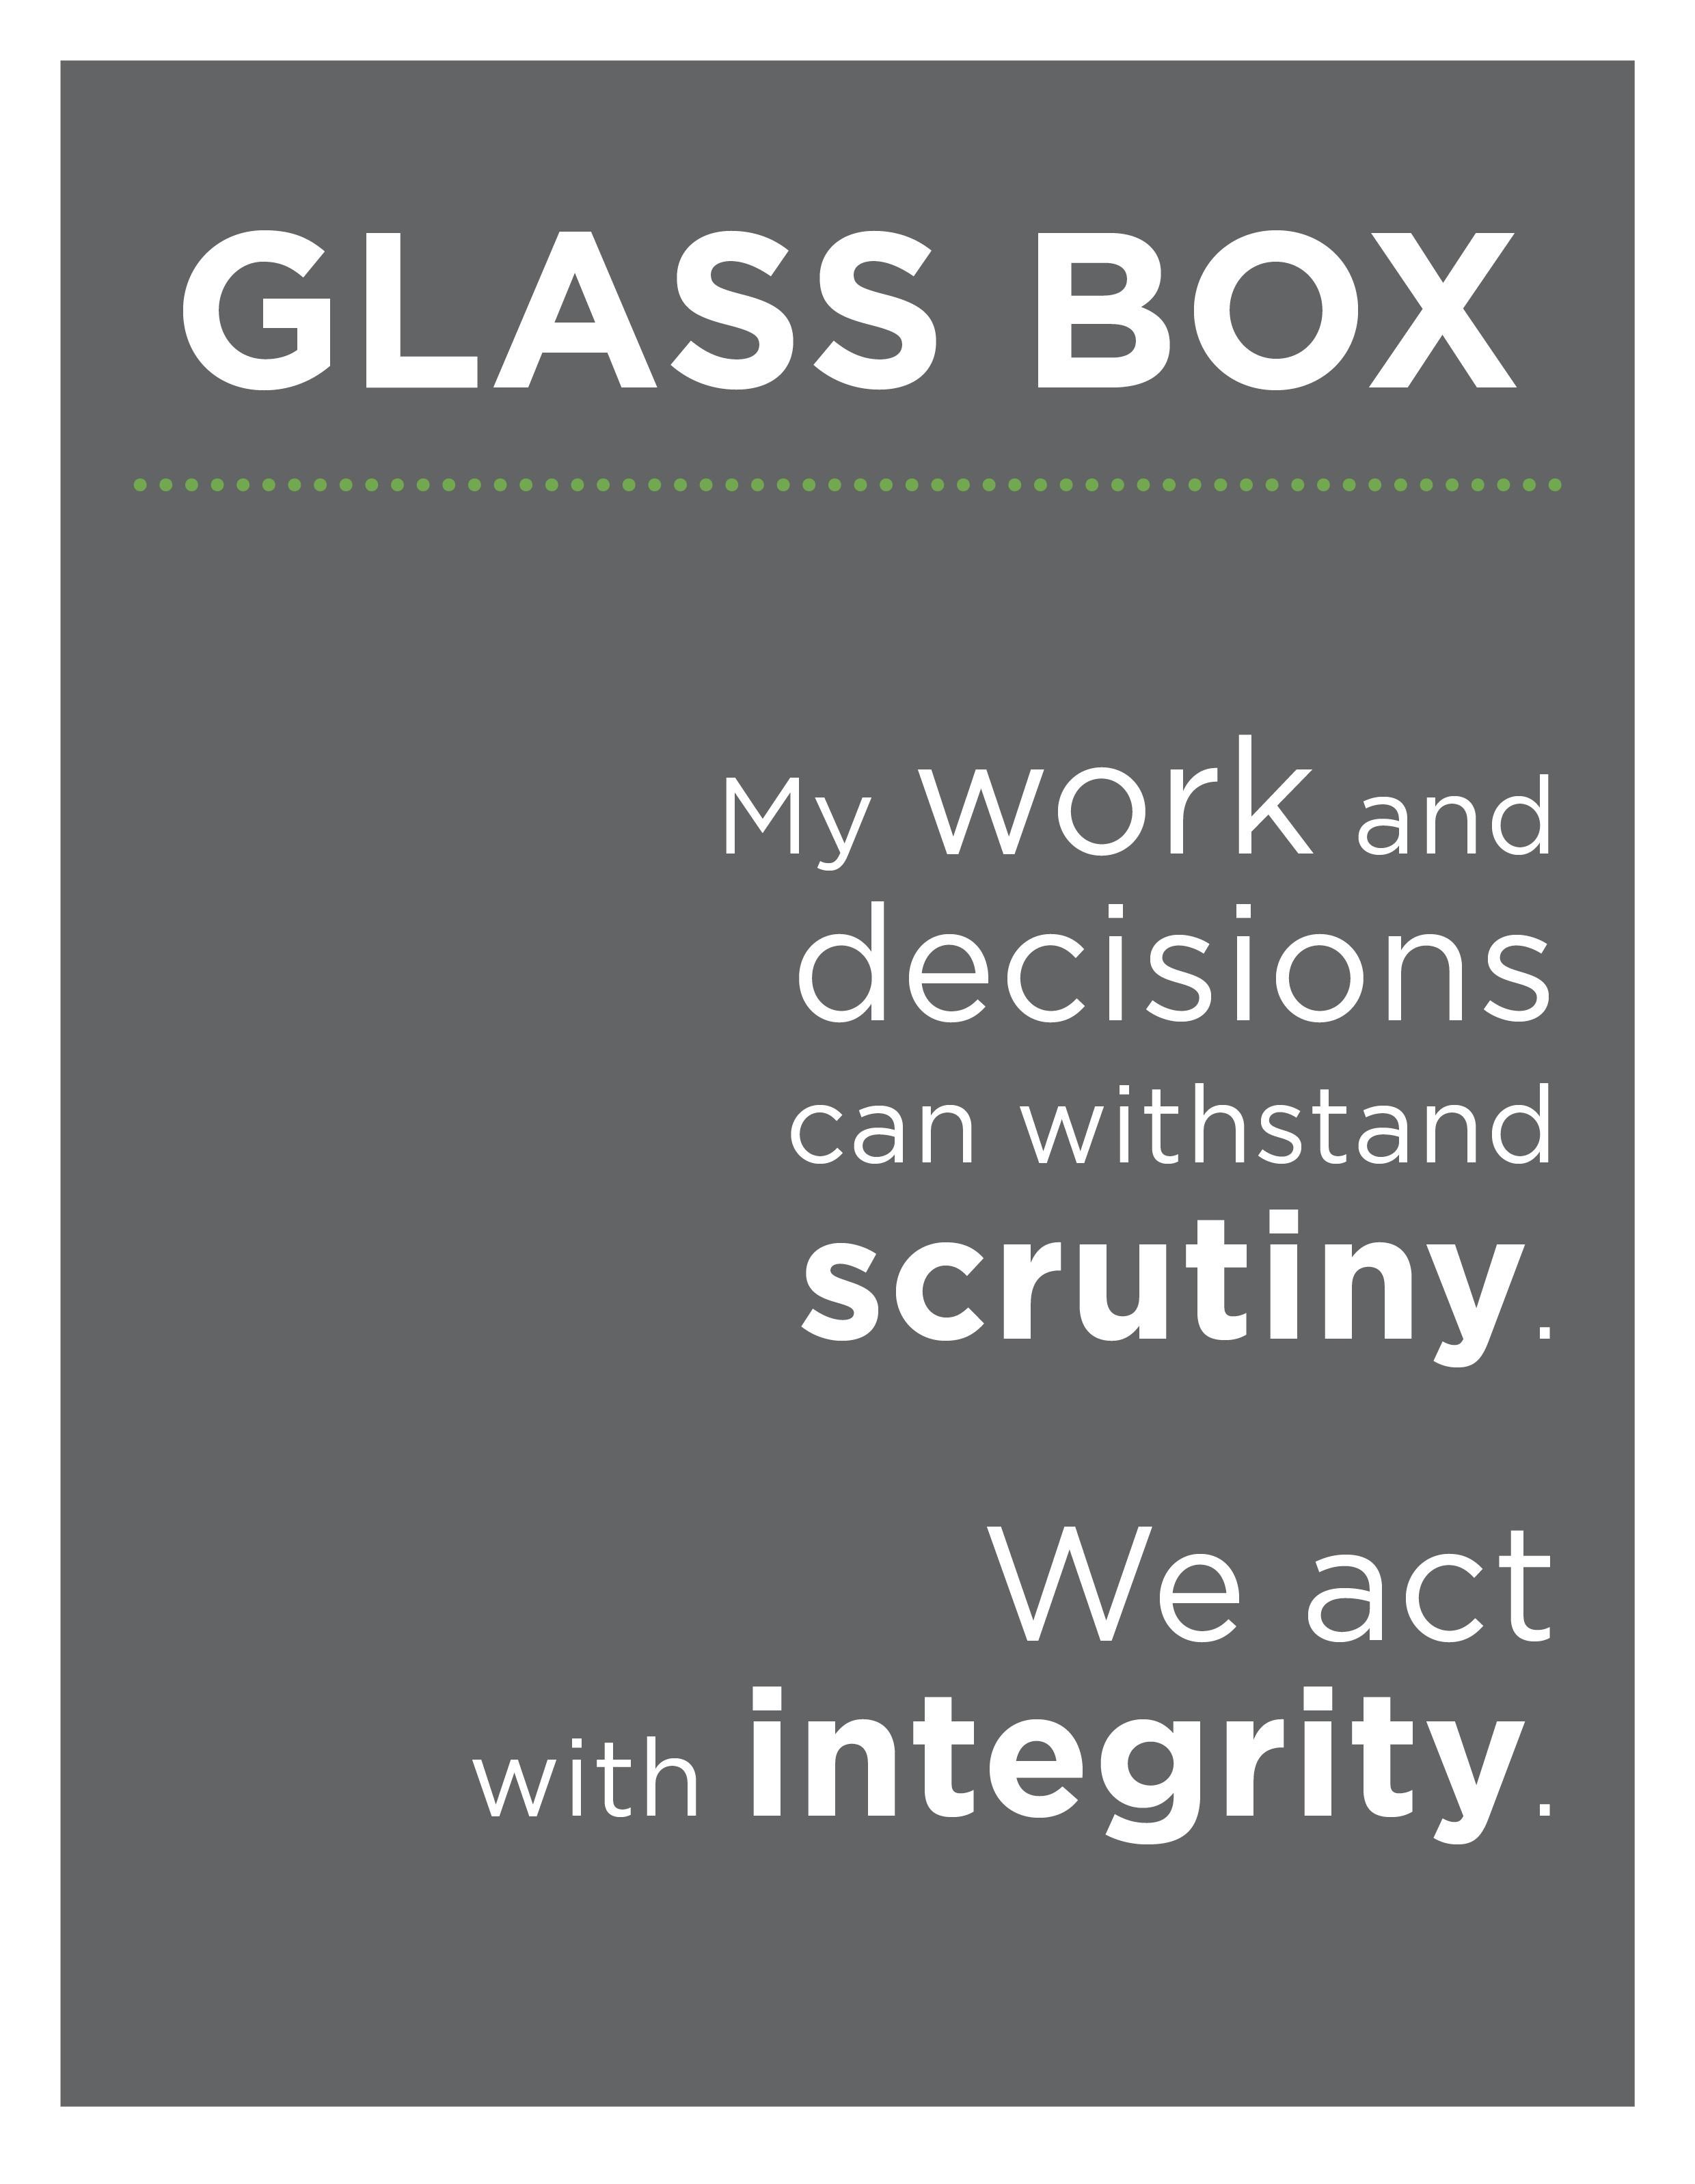 Glass-Box-V.jpg#asset:5002